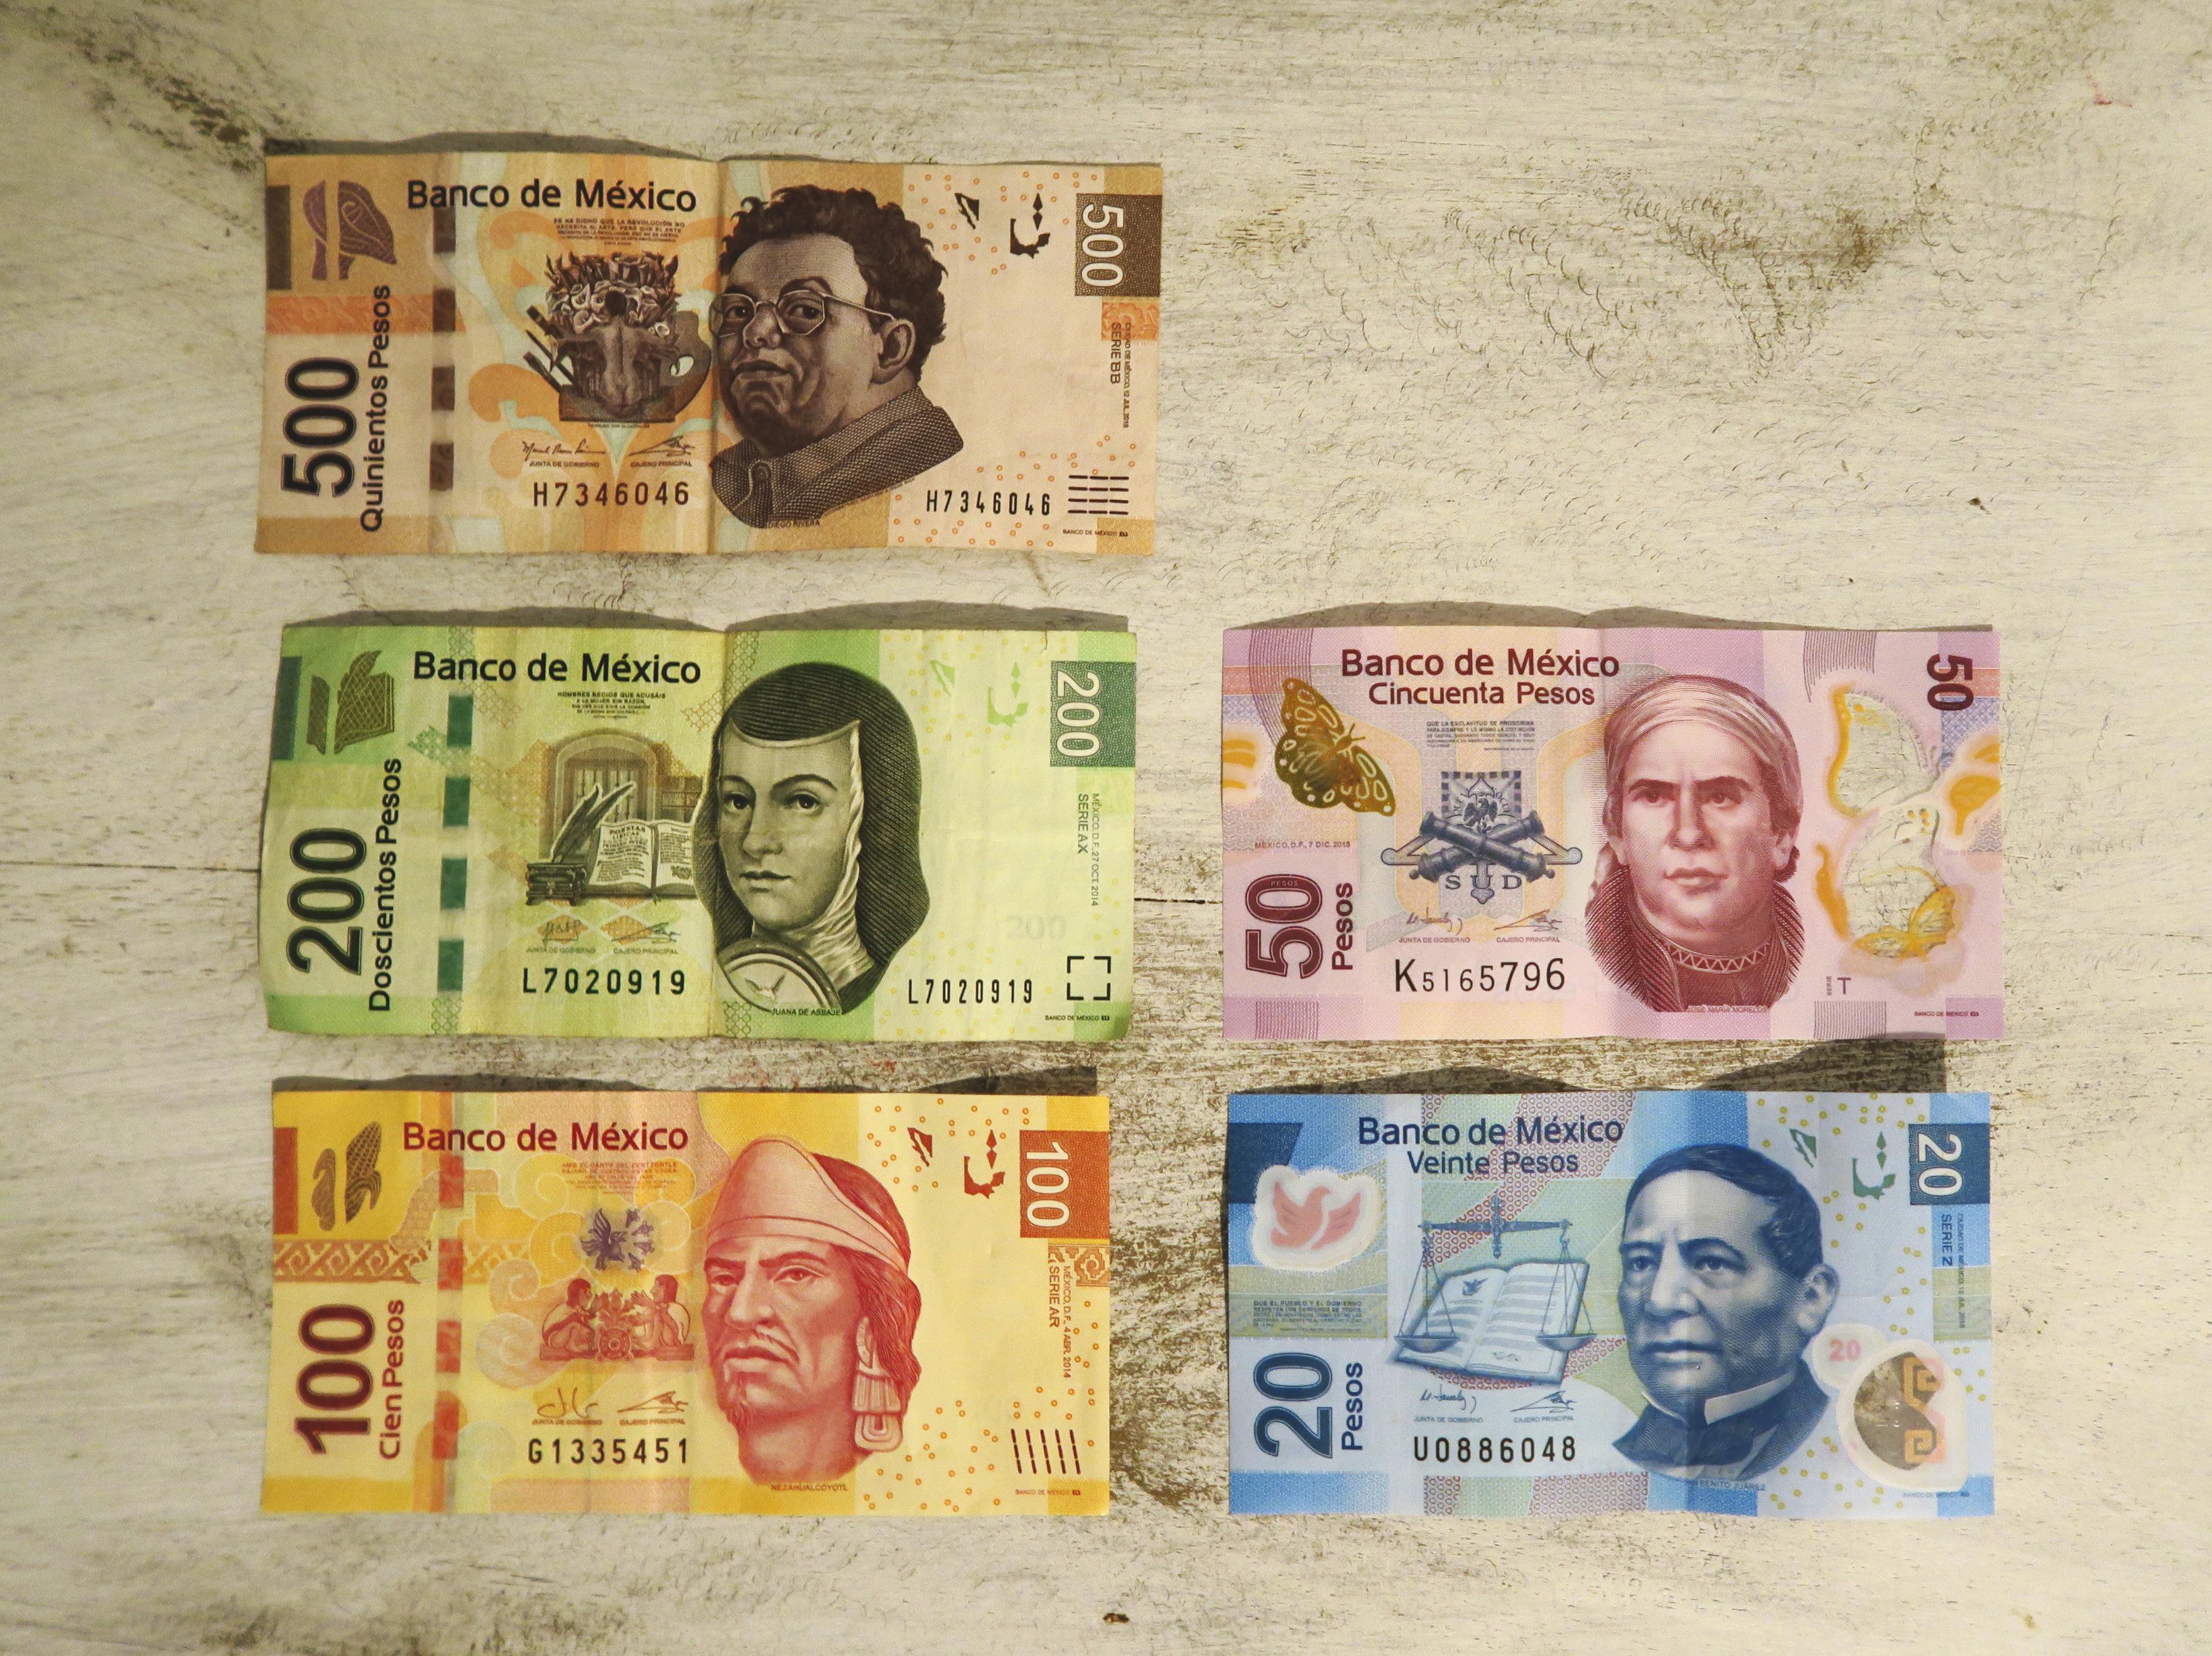 メキシコ旅行のお金とチップについて